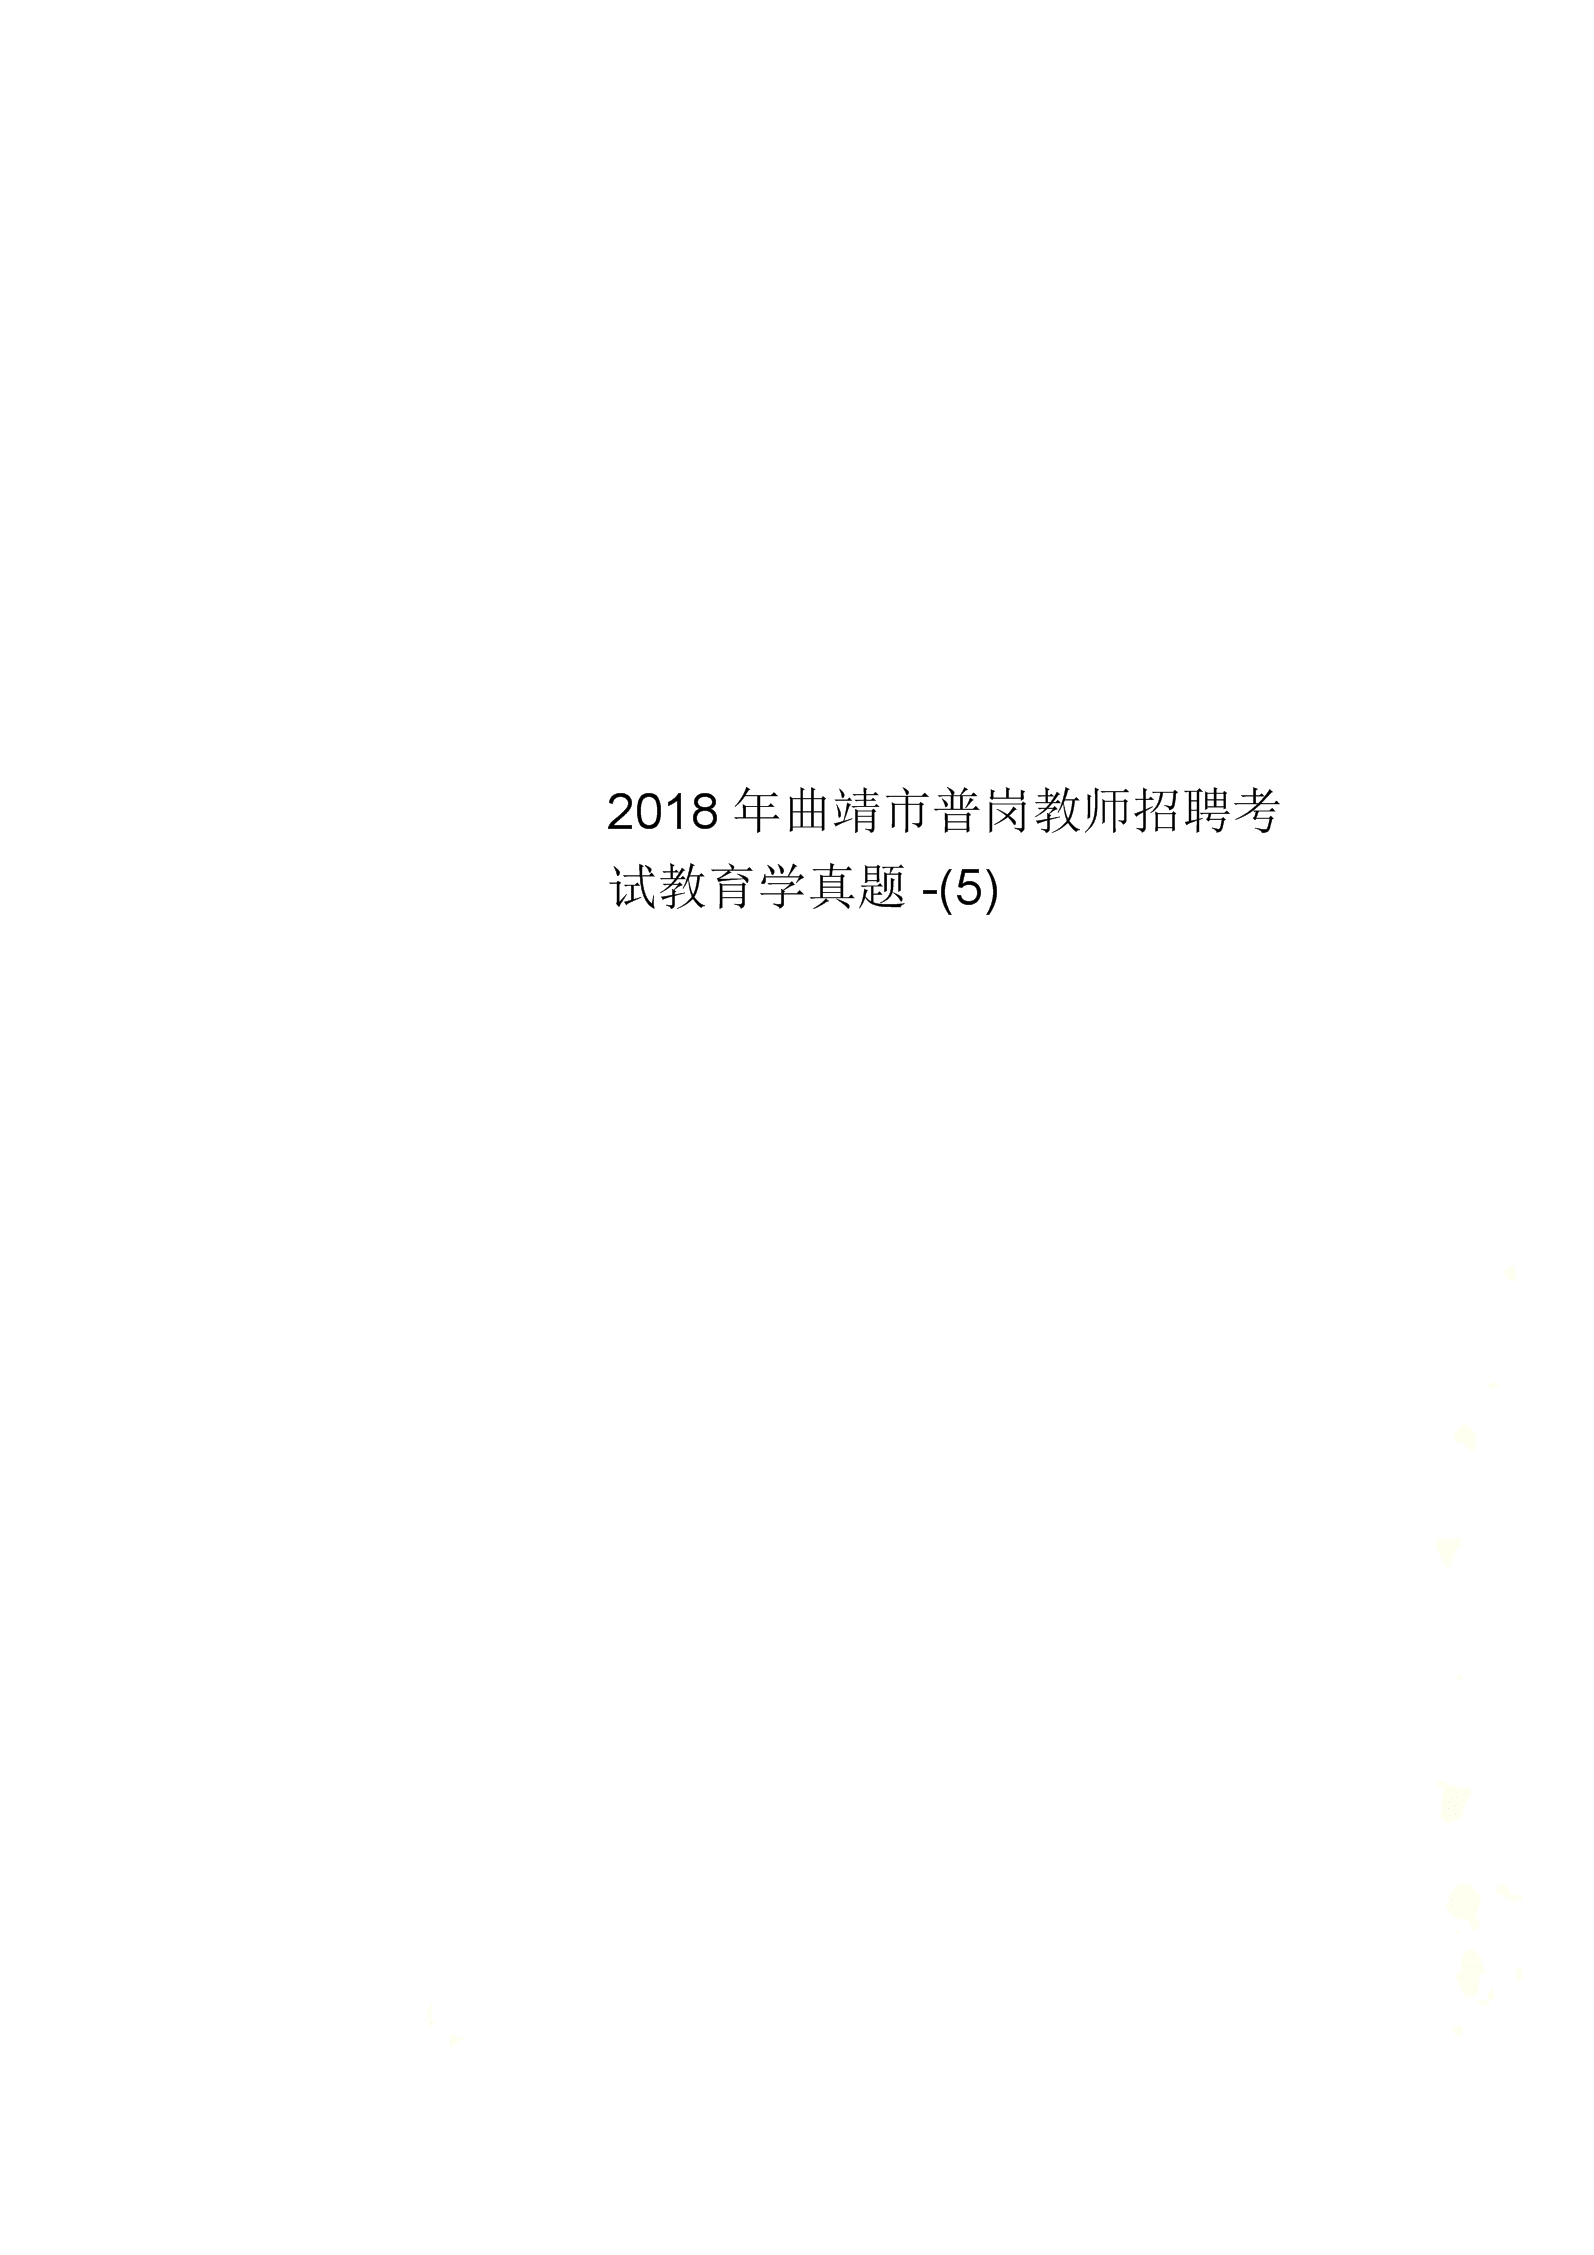 2018年曲靖市普岗教师招聘考试教育学真题-(5).docx